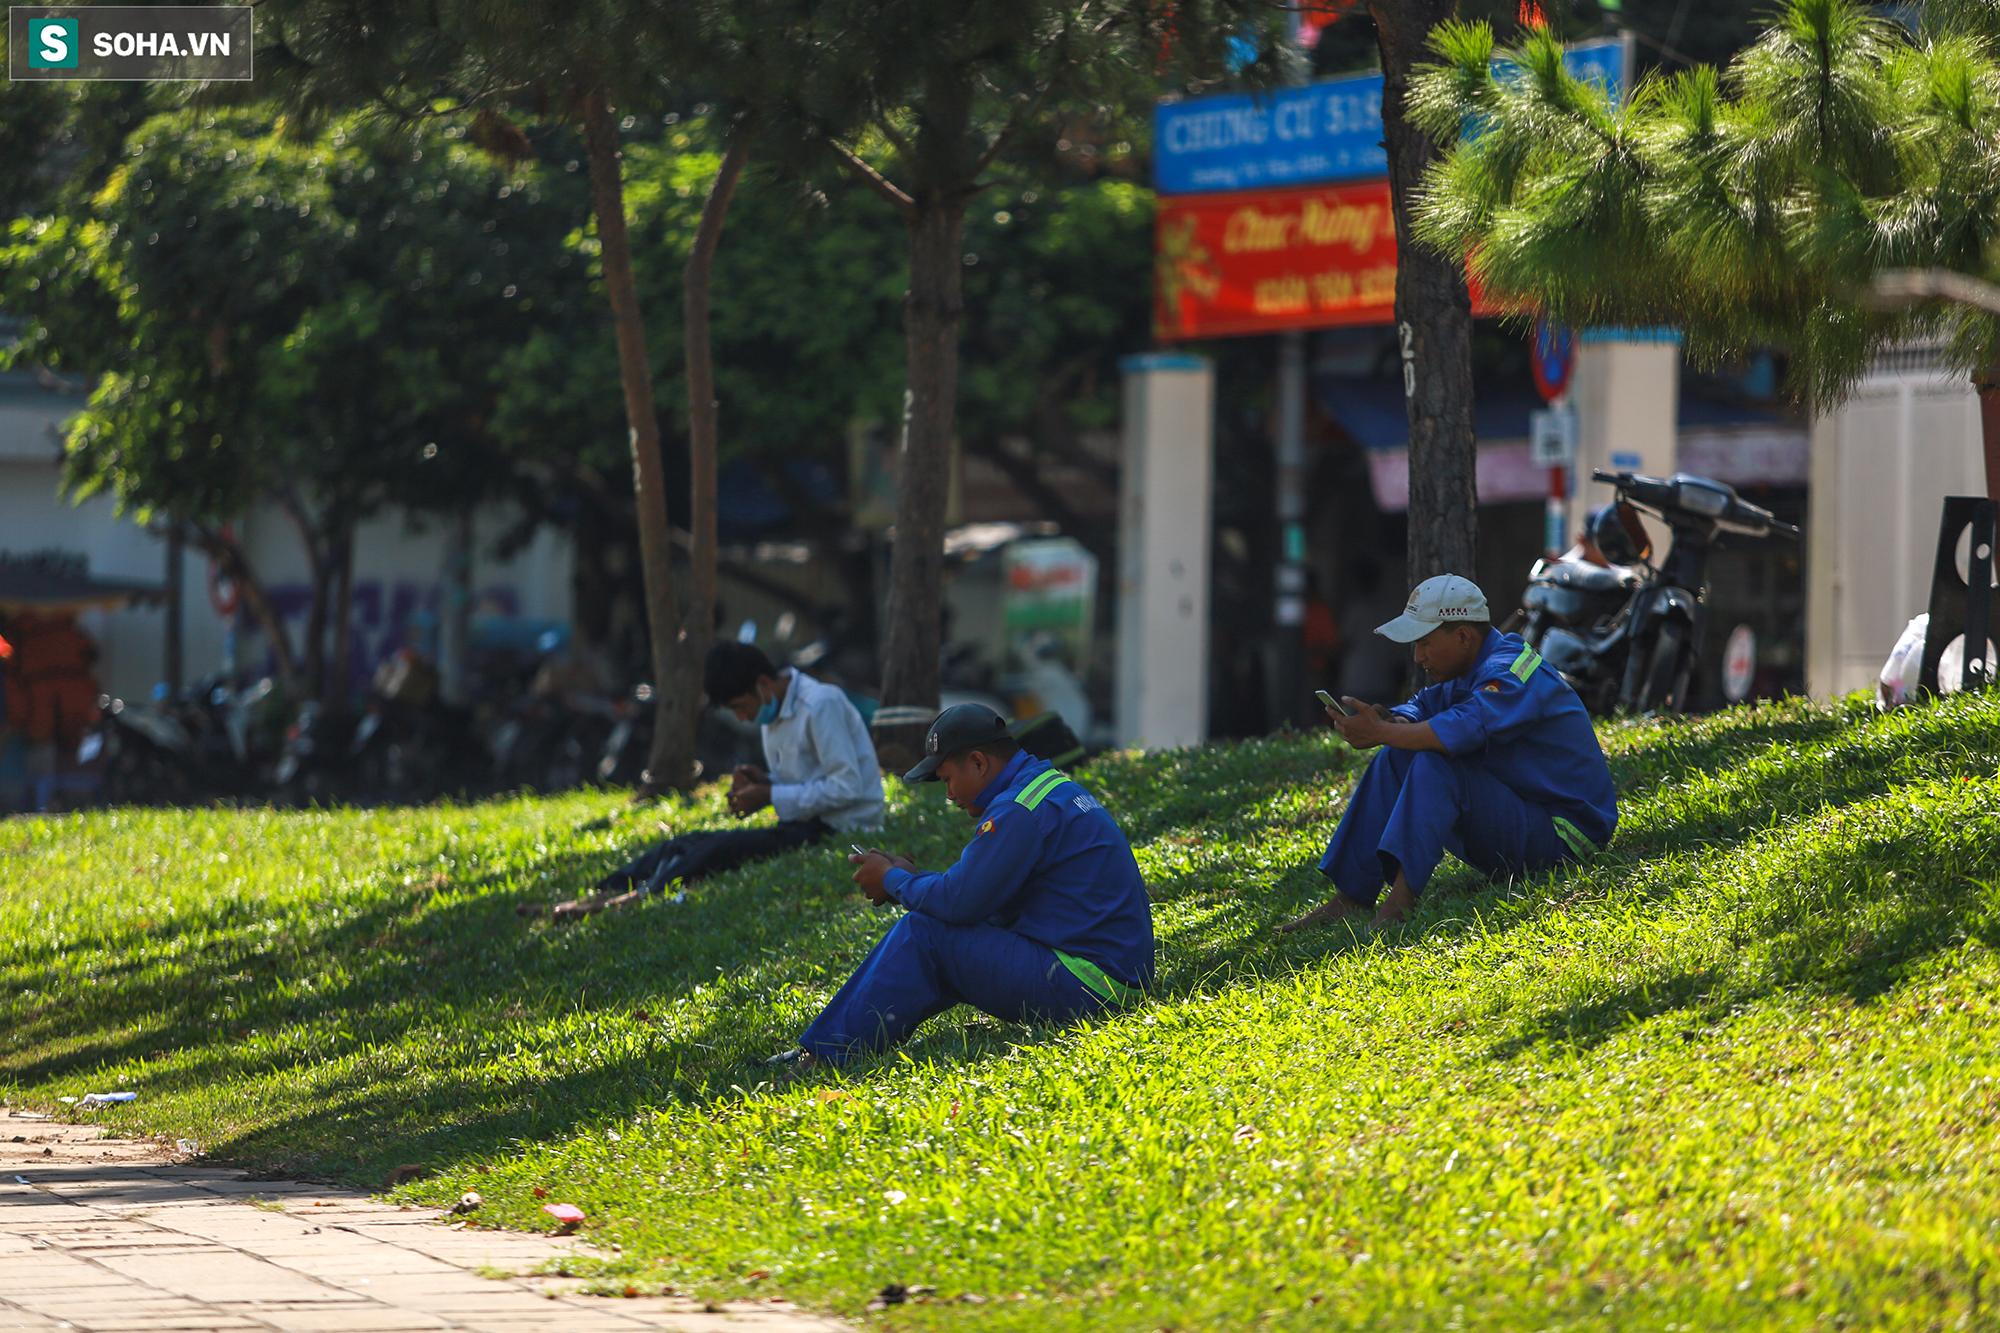 [ẢNH] Đường Sài Gòn nóng như thiêu, người dân vật vã tránh nóng ở góc cây, gầm cầu - Ảnh 6.